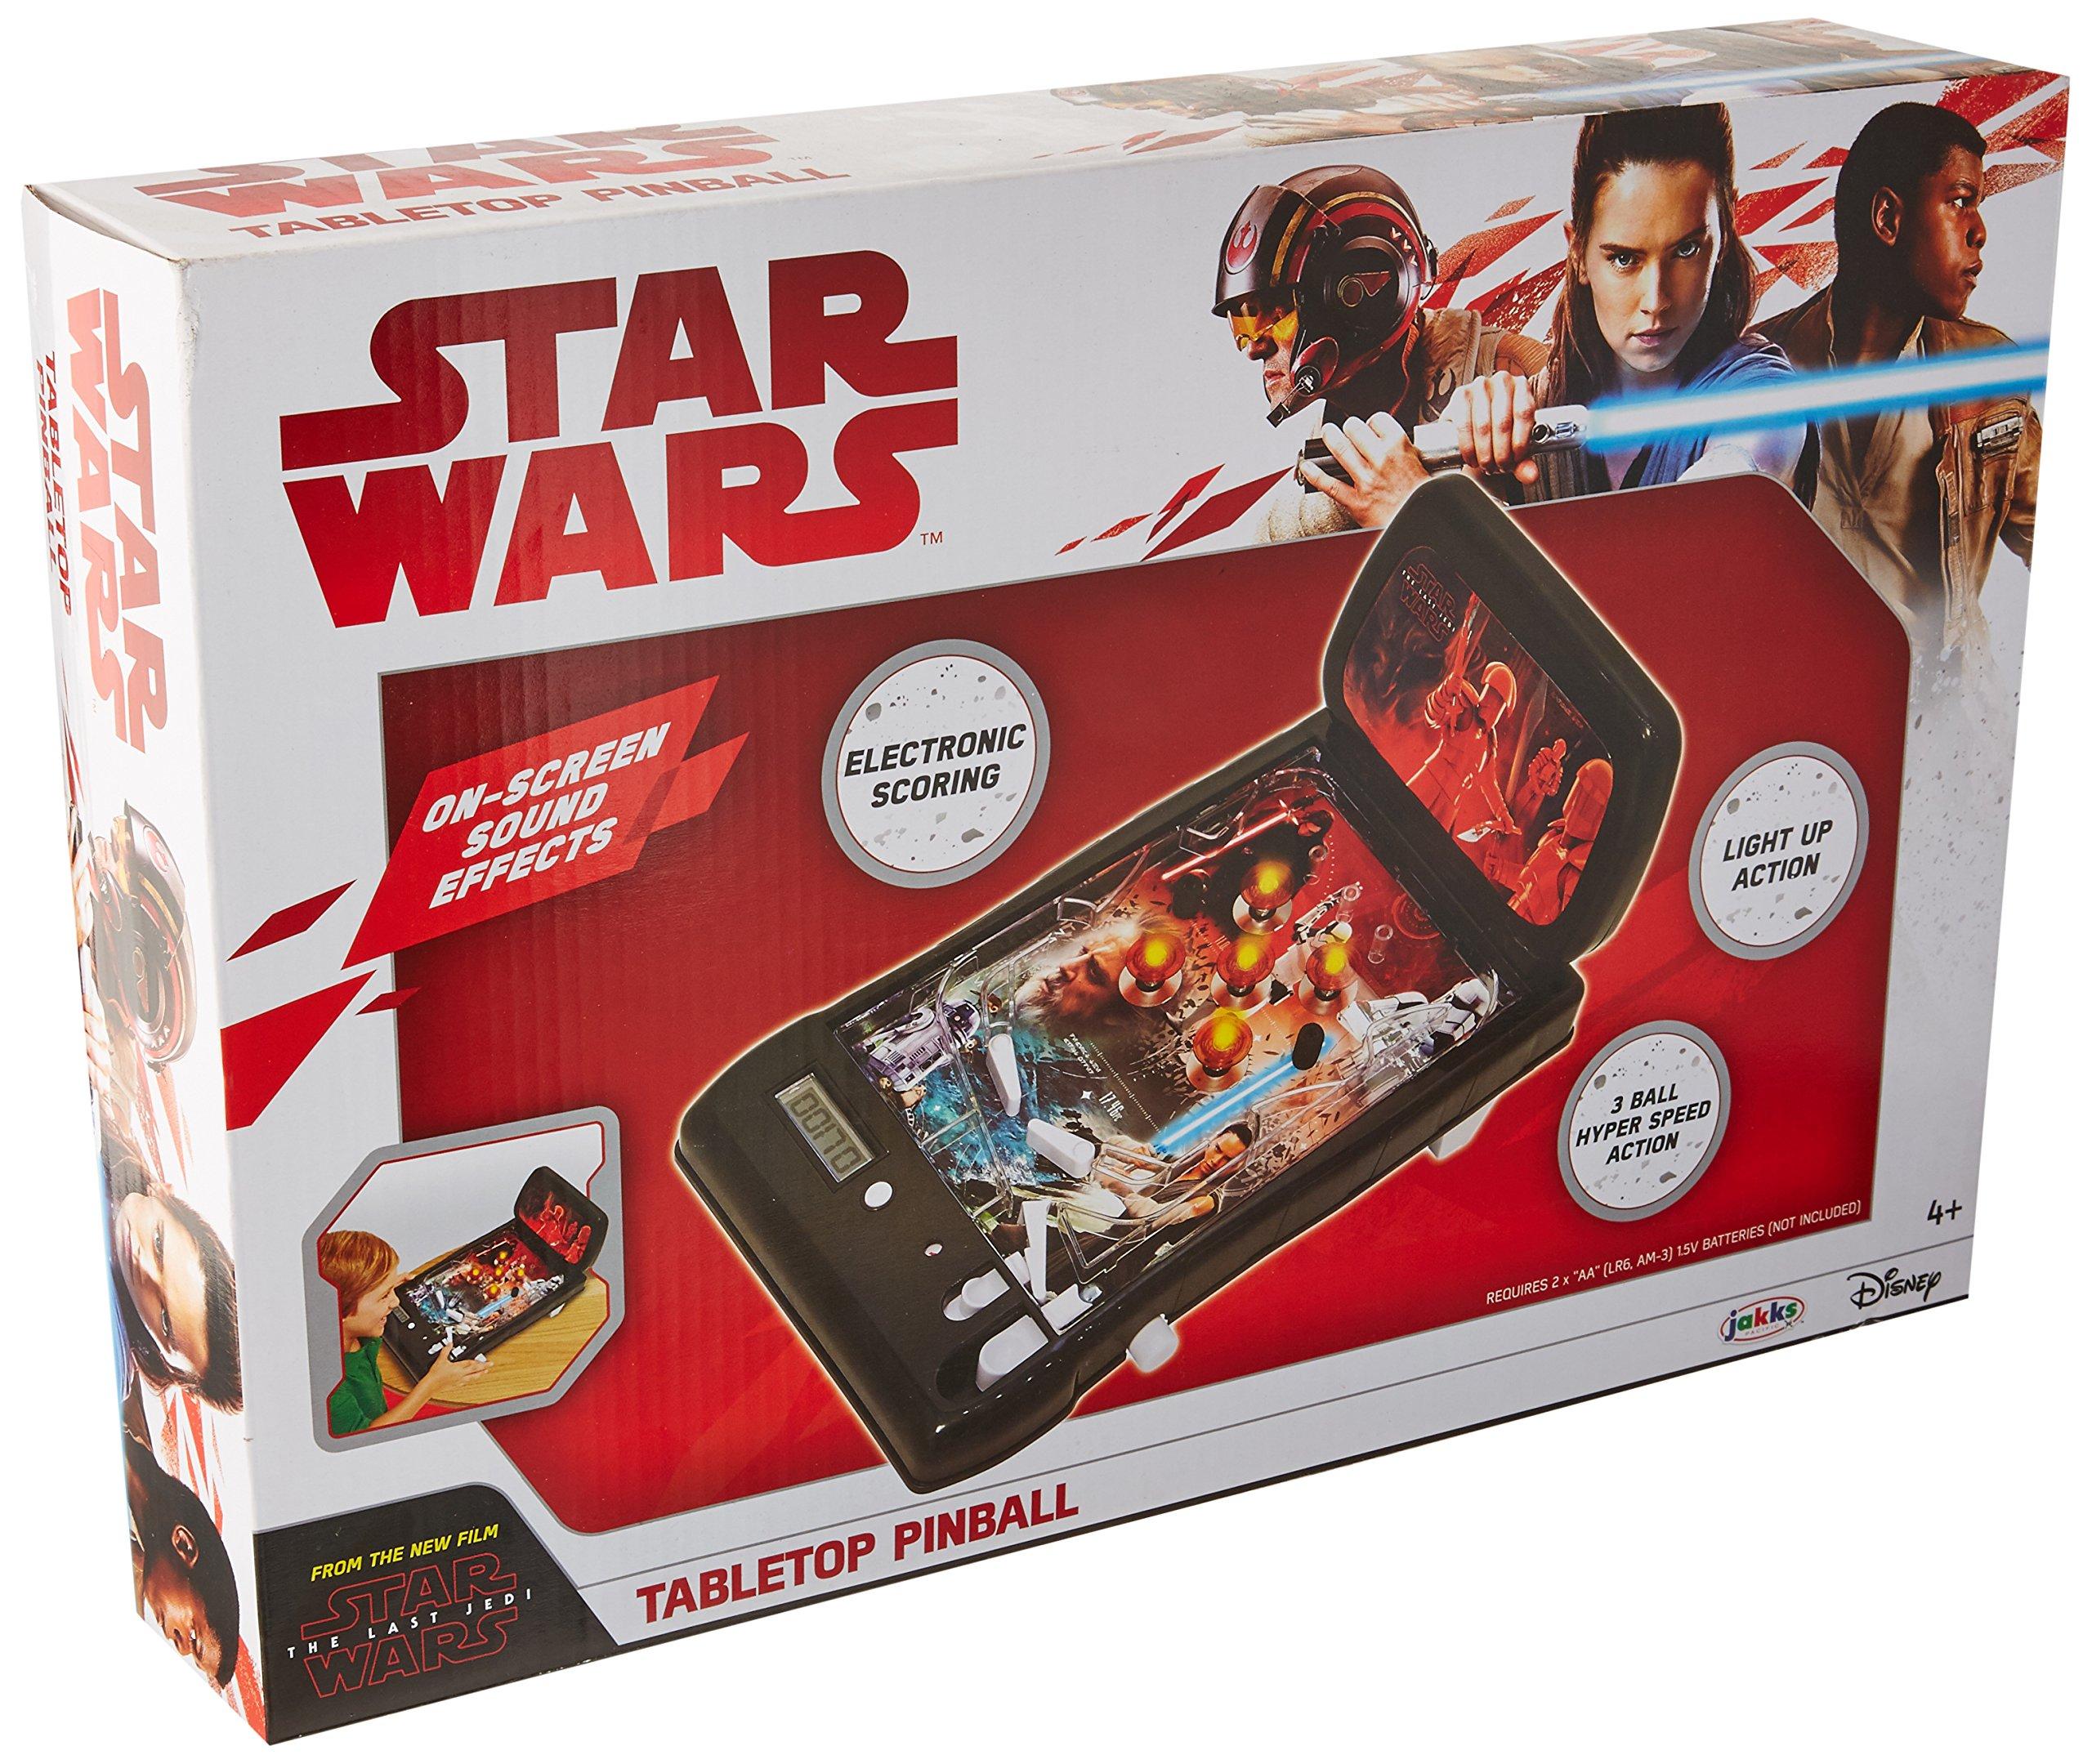 Star Wars The Last Jedi Tabletop Pinball by Star Wars